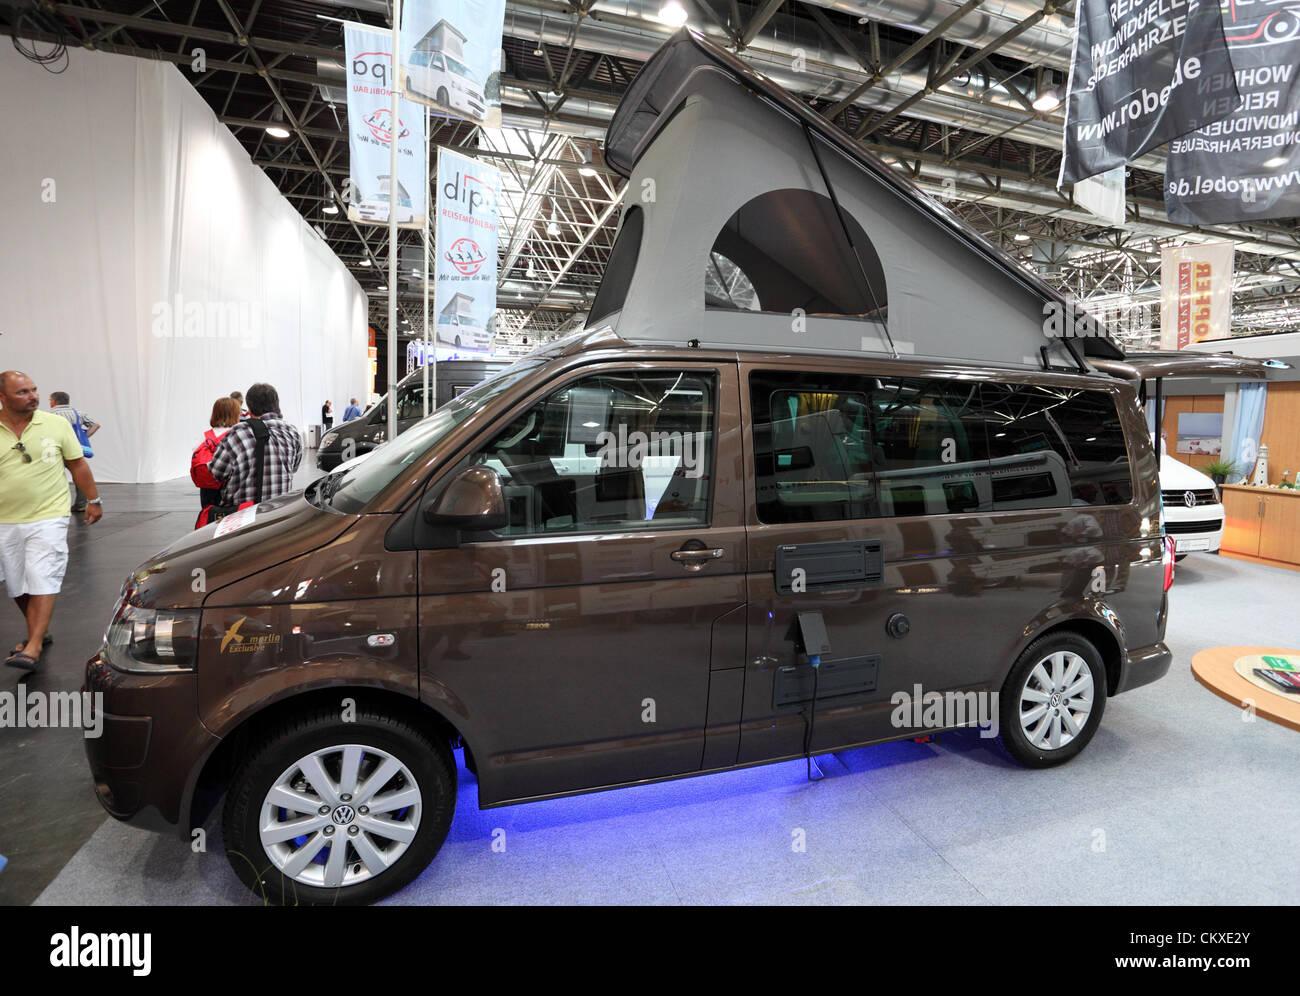 August 27, 2012 in Dusseldorf, Germany. Volkswagen camper van at the Caravan Salon Exhibition 2012. - Stock Image